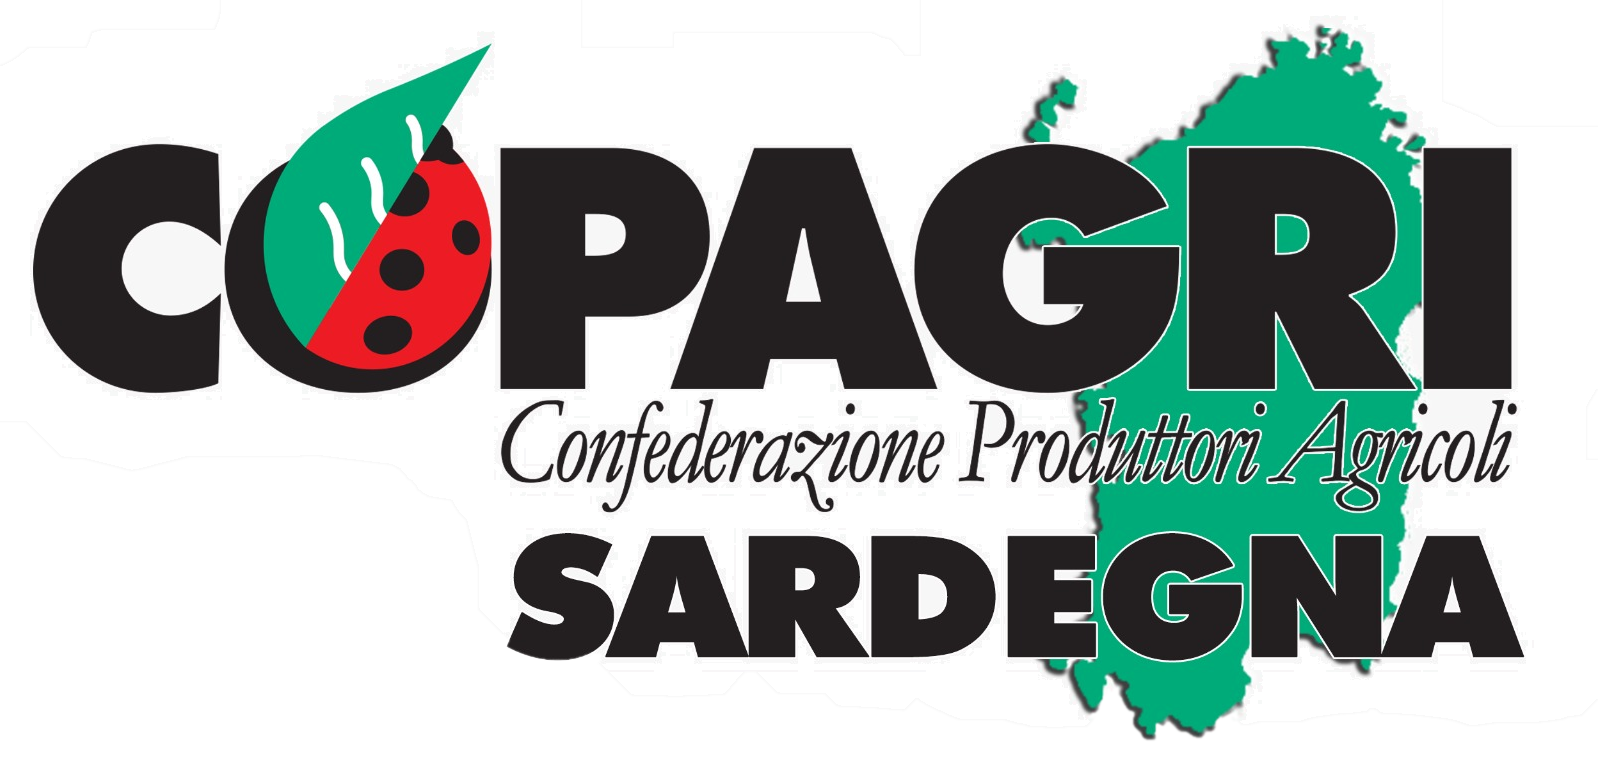 Copagri Sardegna